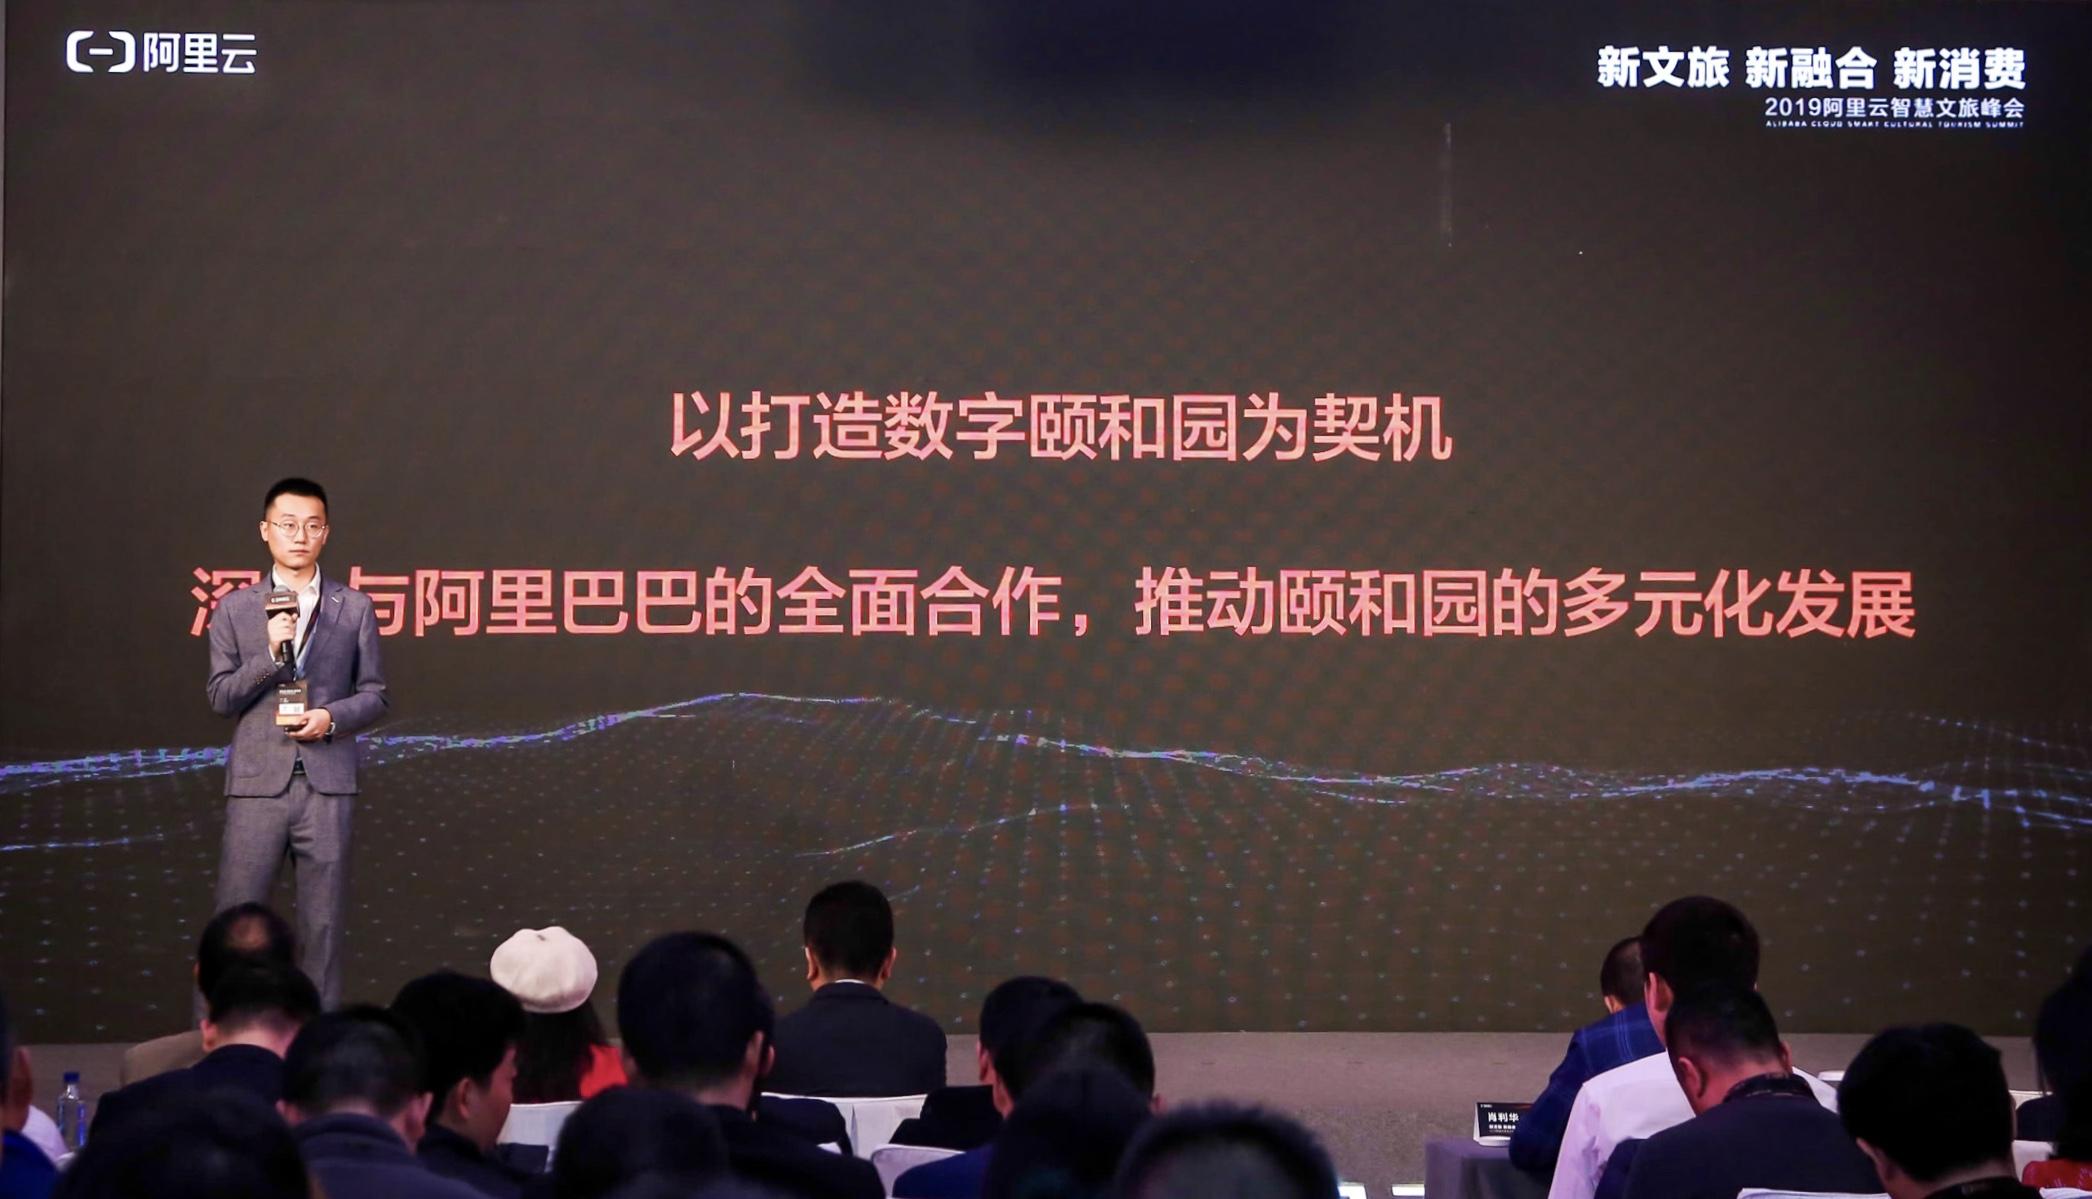 颐和园与阿里云携手打造智慧景区 升级文旅数字经济产业